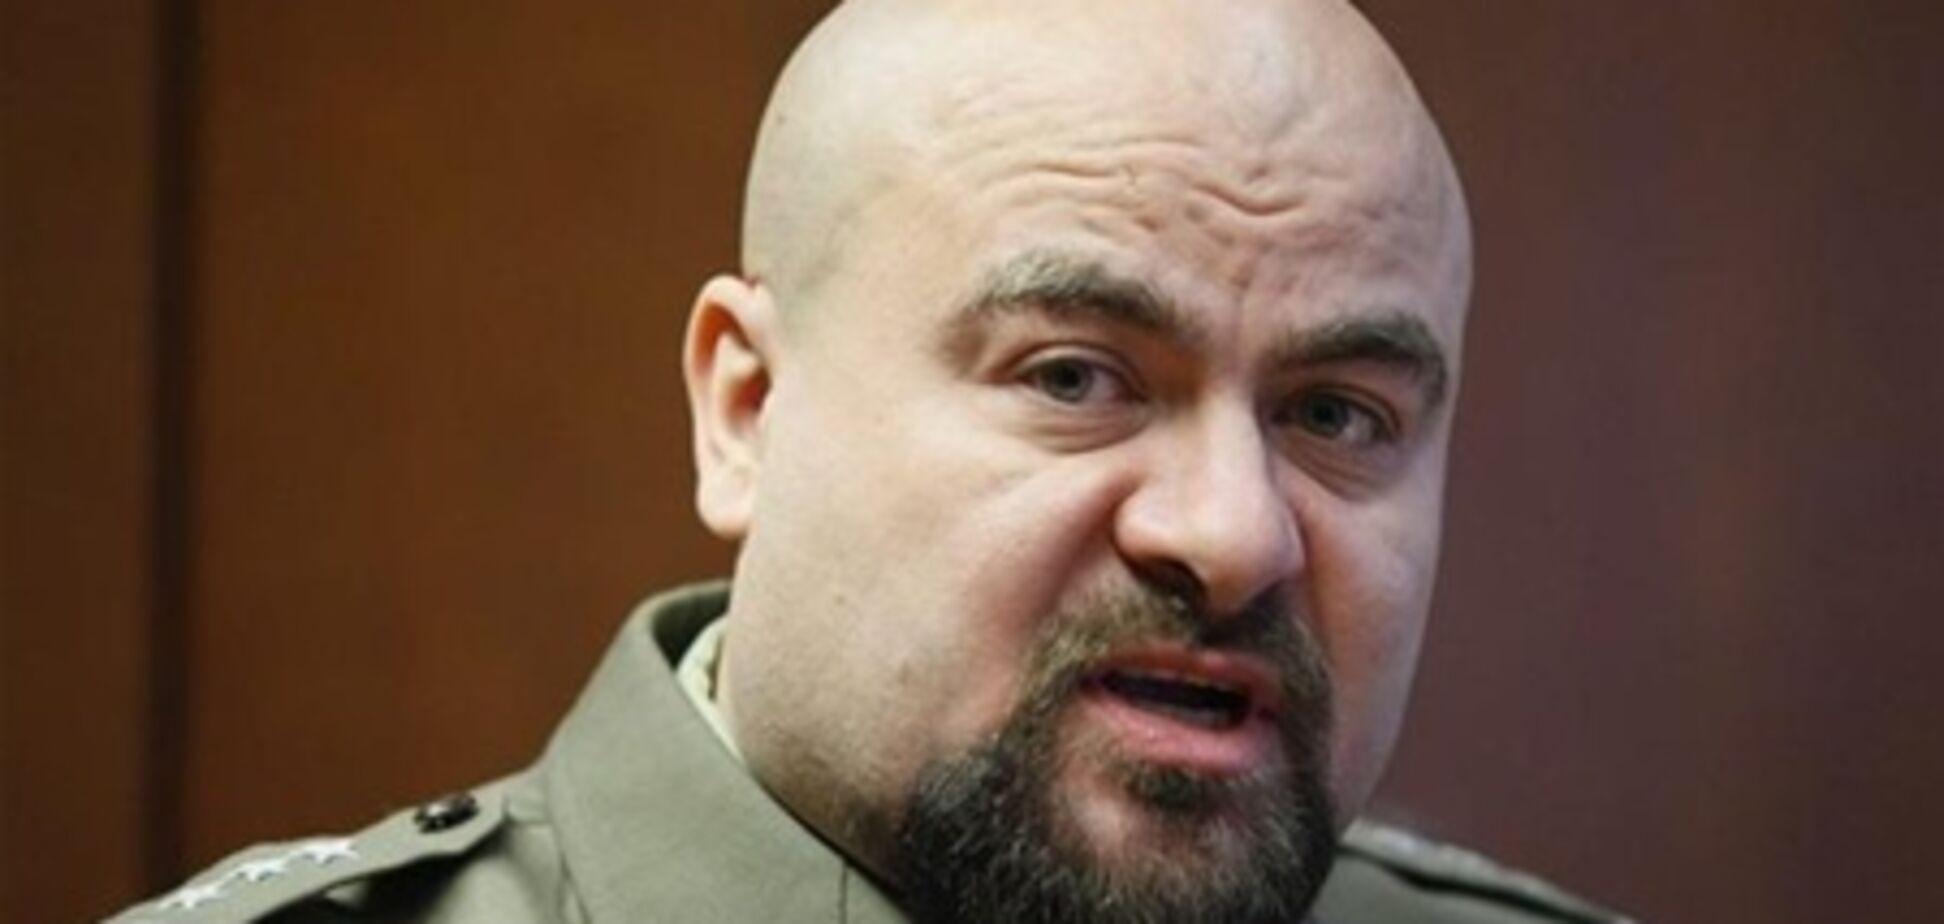 Польский прокурор объяснил, почему хотел покончить с собой